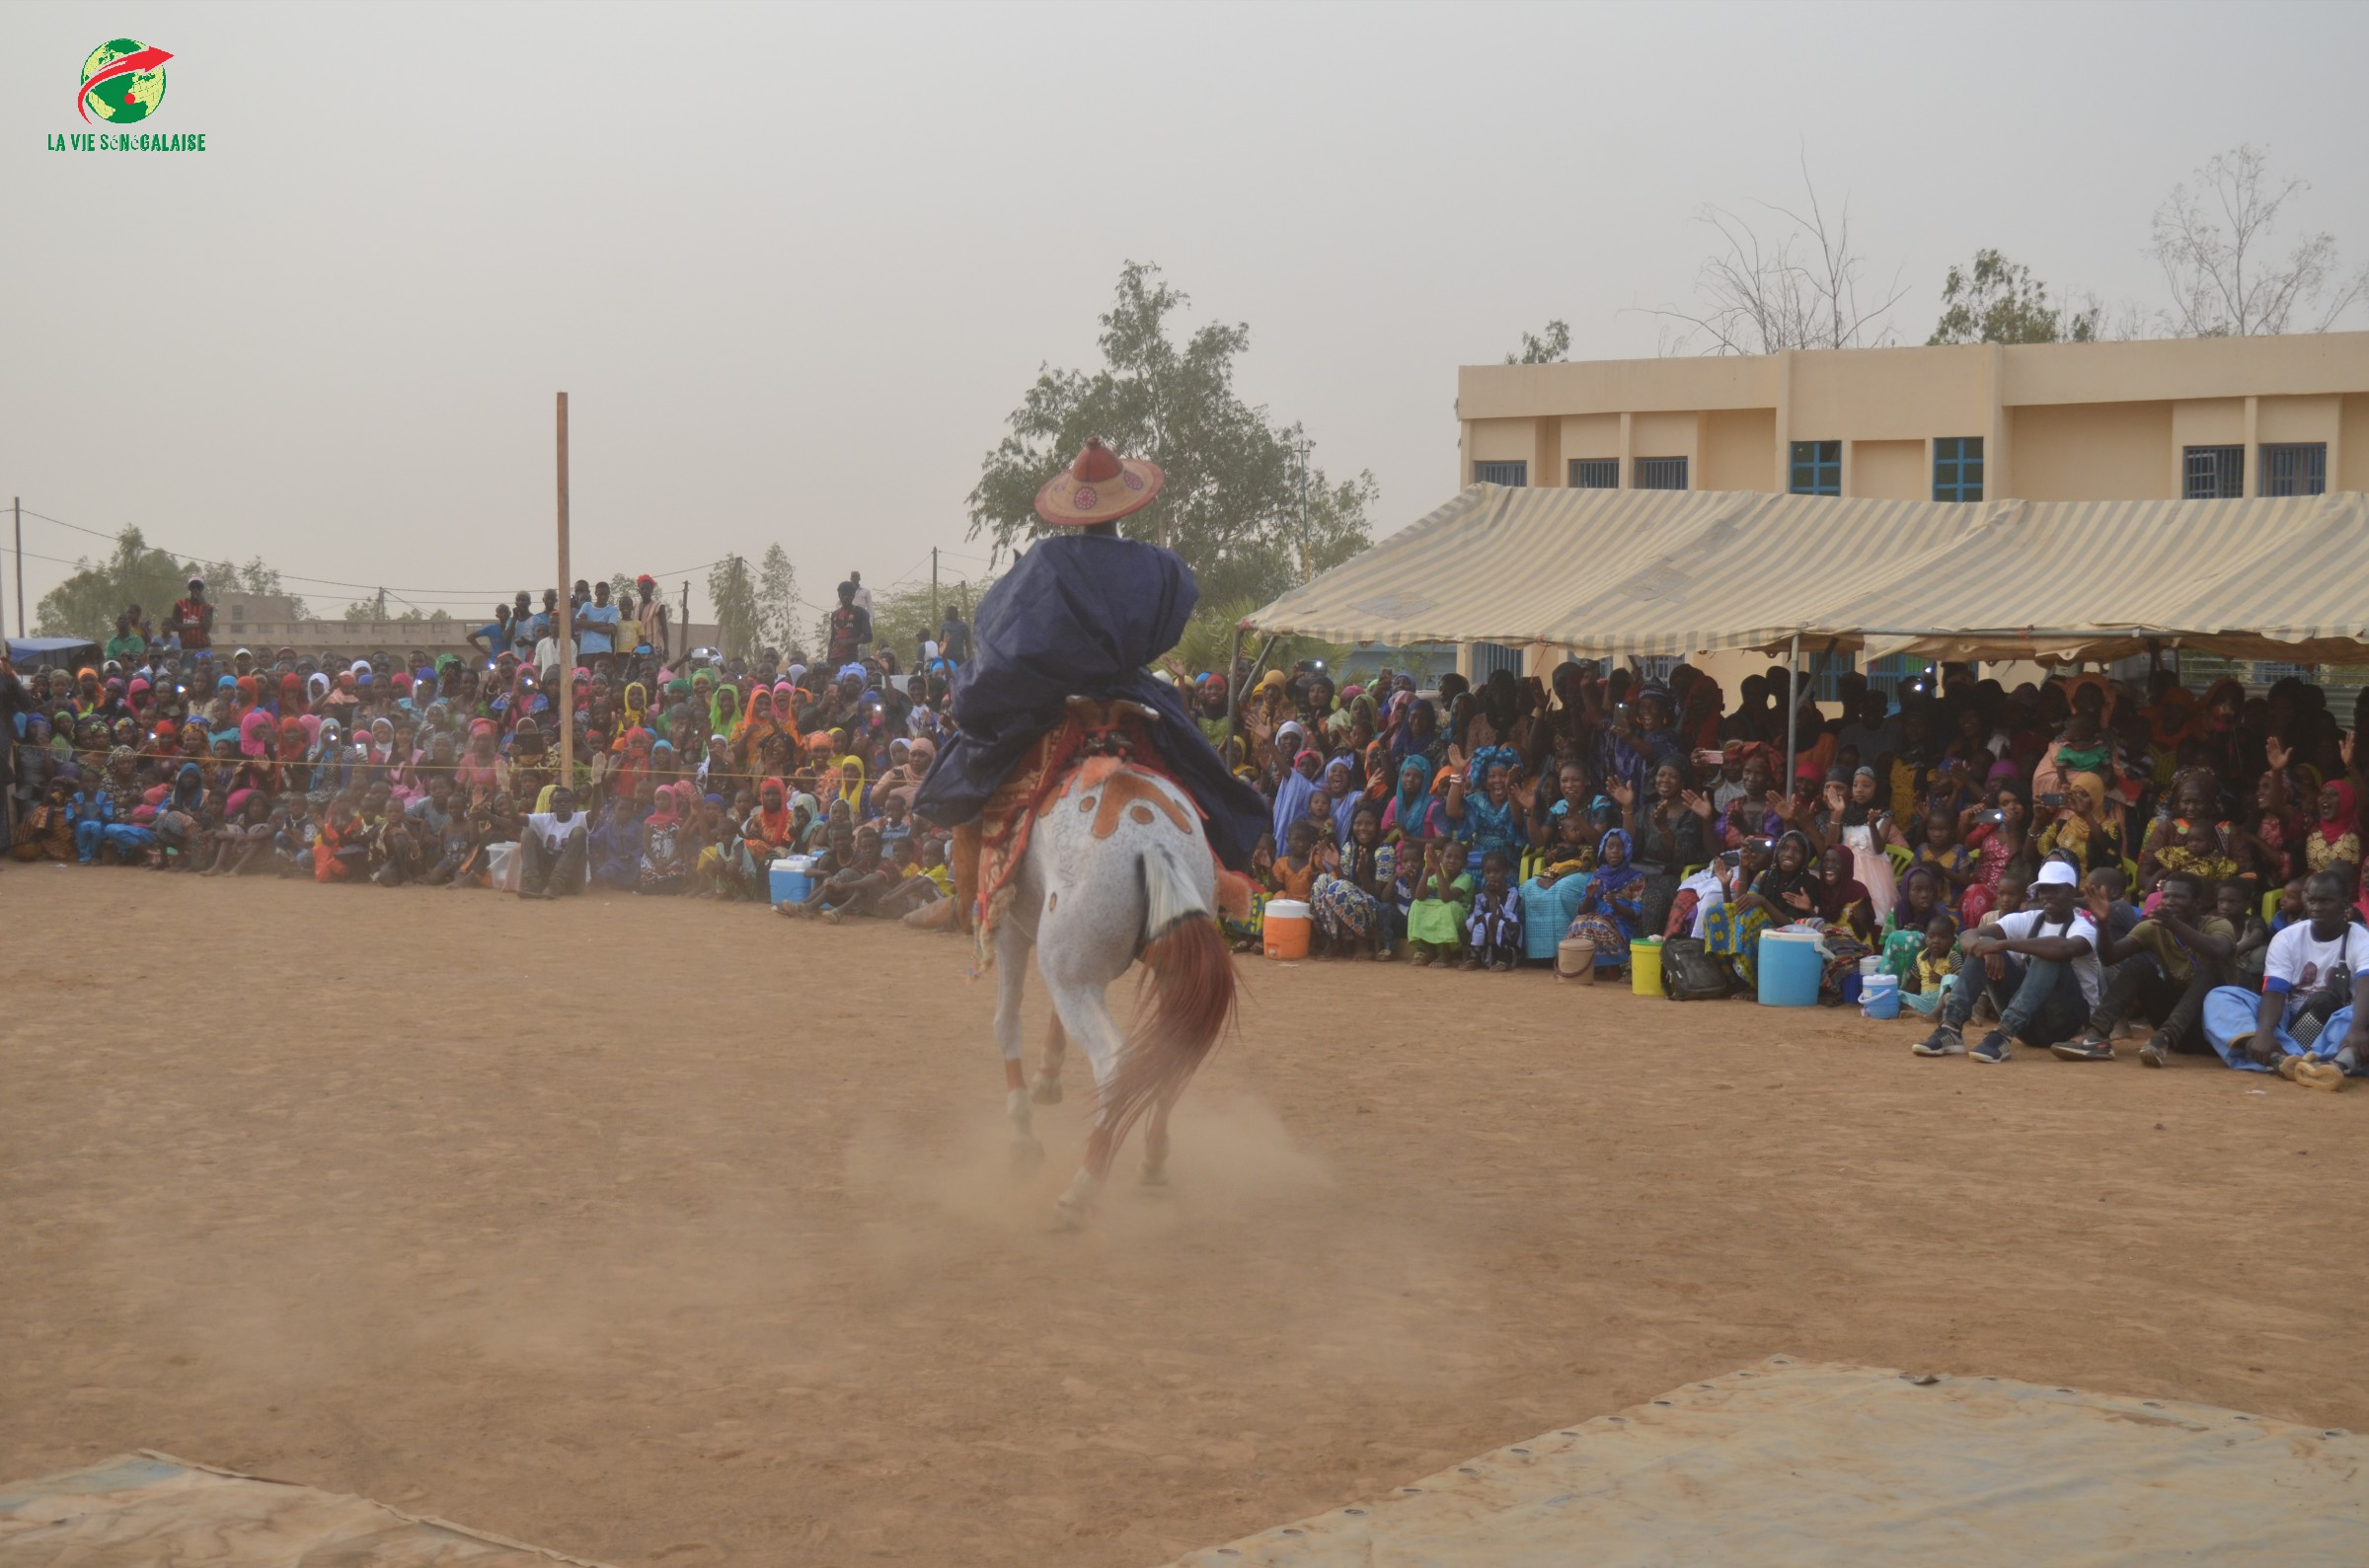 Journées Culturelles Waoundé, Parrain Bakary Biné Camara, Images de laviesenegalaise (37)